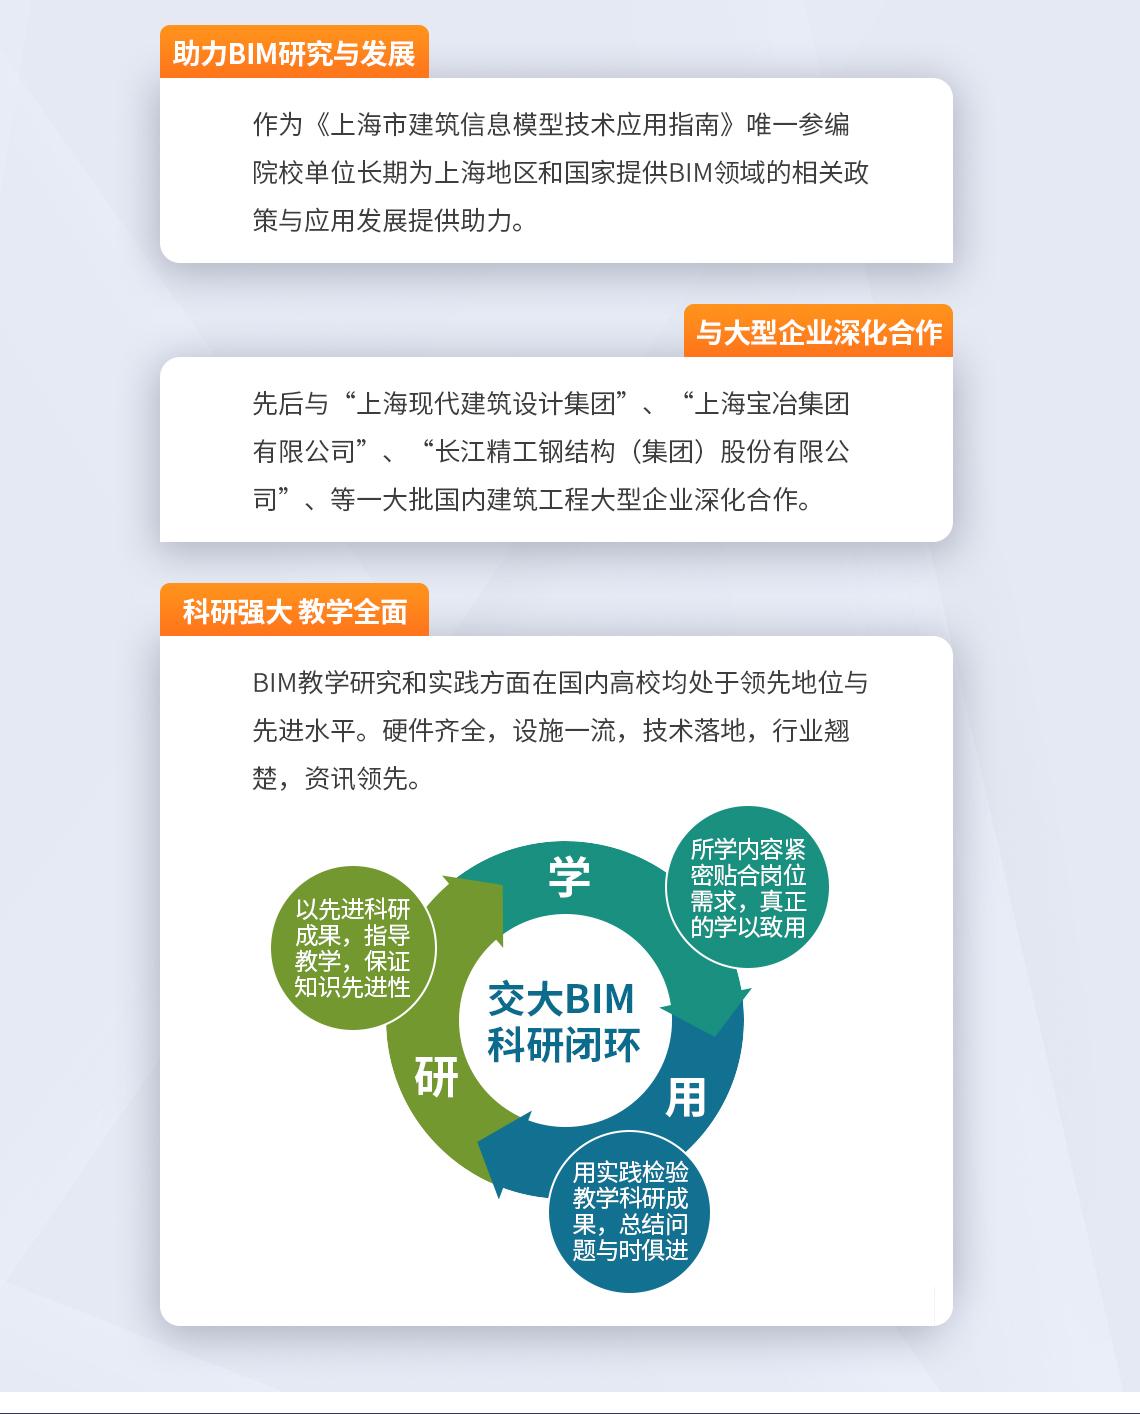 助力BIM研究与发展 做为《上海市建筑信息模型技术应用指南》唯一参编院校单位长期为上海地区和国家提供BIM领域的相关政策与应用发展提供助力。 与大型企业深化合作 先后与上海现代建筑设计集团、上海宝冶集团有限公司、长江精工钢结构(集团)股份有限公司等一大批国内建筑工程大型企业深化合作。 科研强大 教学全面 BIM教学研究和实践方面在国内高校均处于领先地位和先进水平。硬件齐全,设施一流,技术落地,行业翘楚,资讯领先。